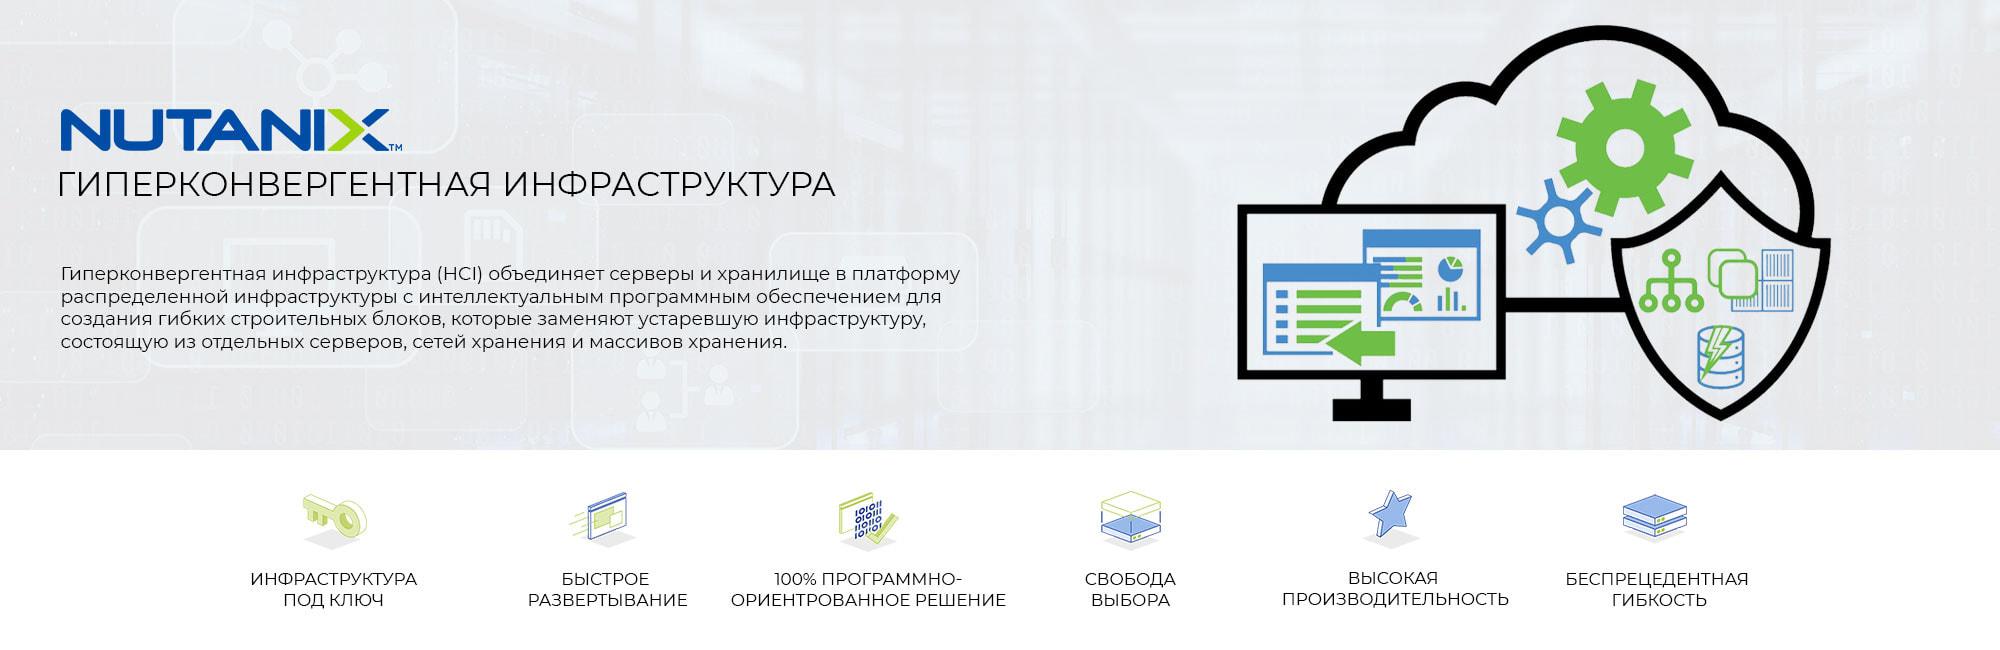 Гиперконвергентная-ифраструктура-Nutanix-HCI